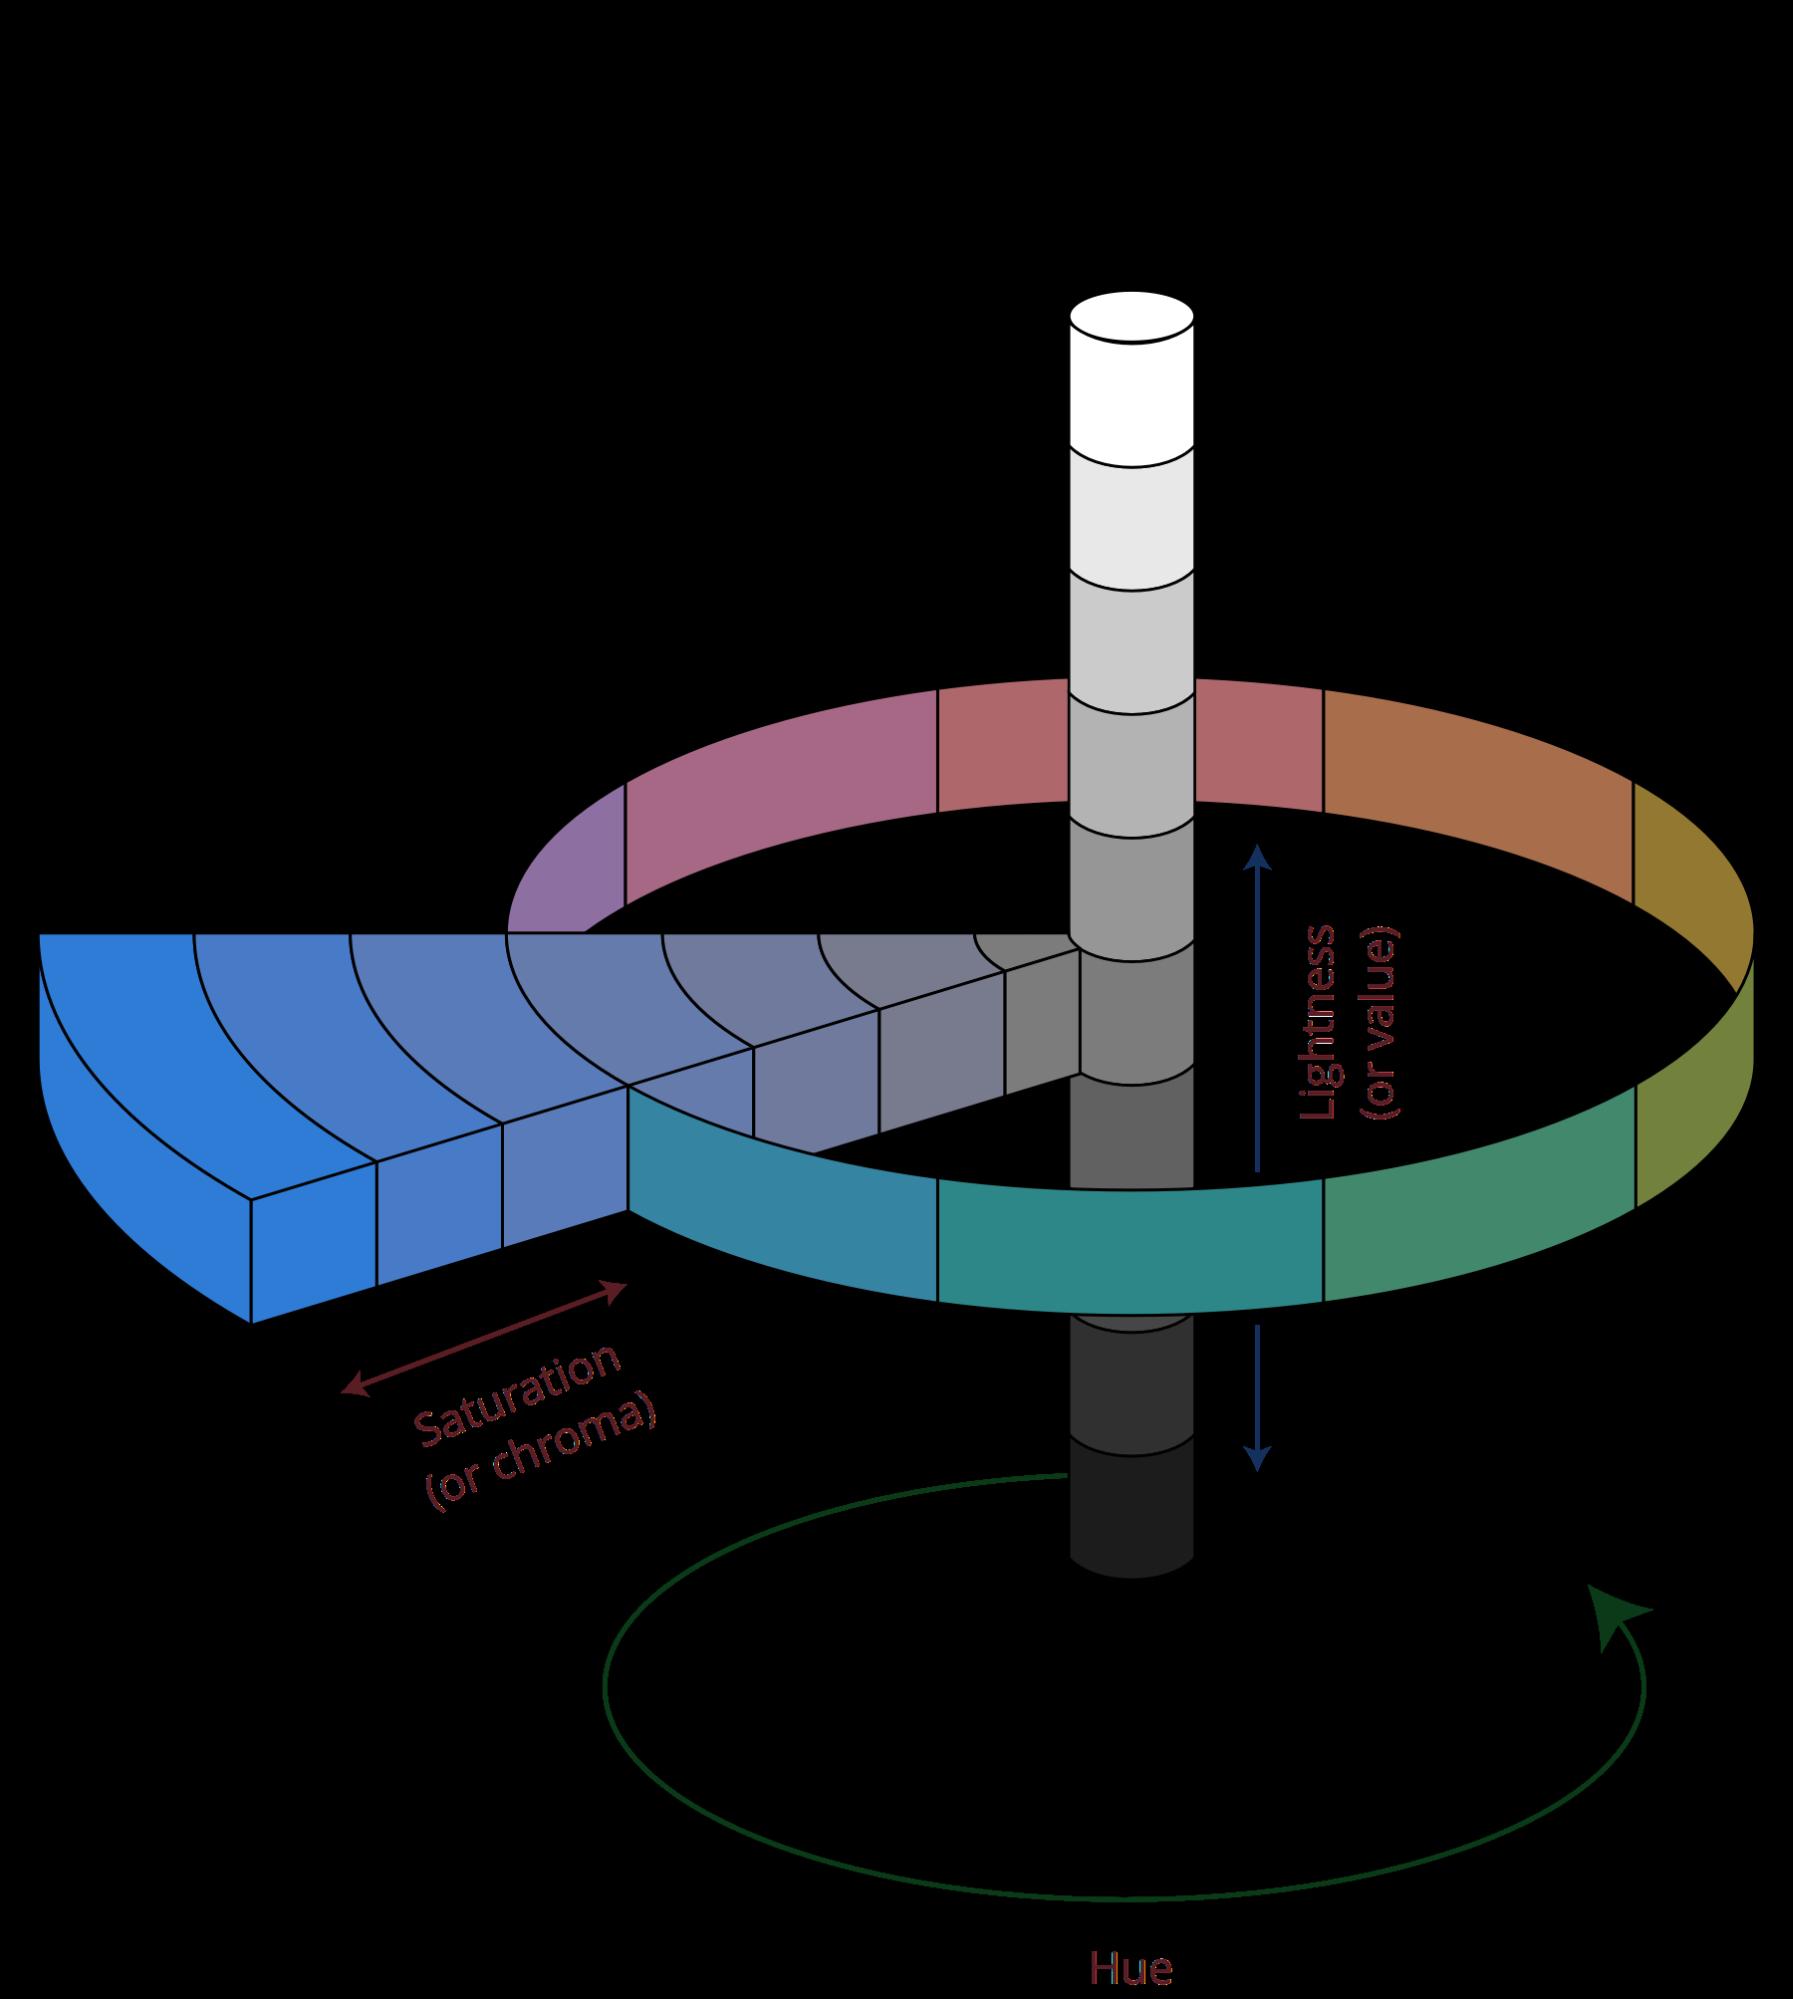 the HSL color scheme